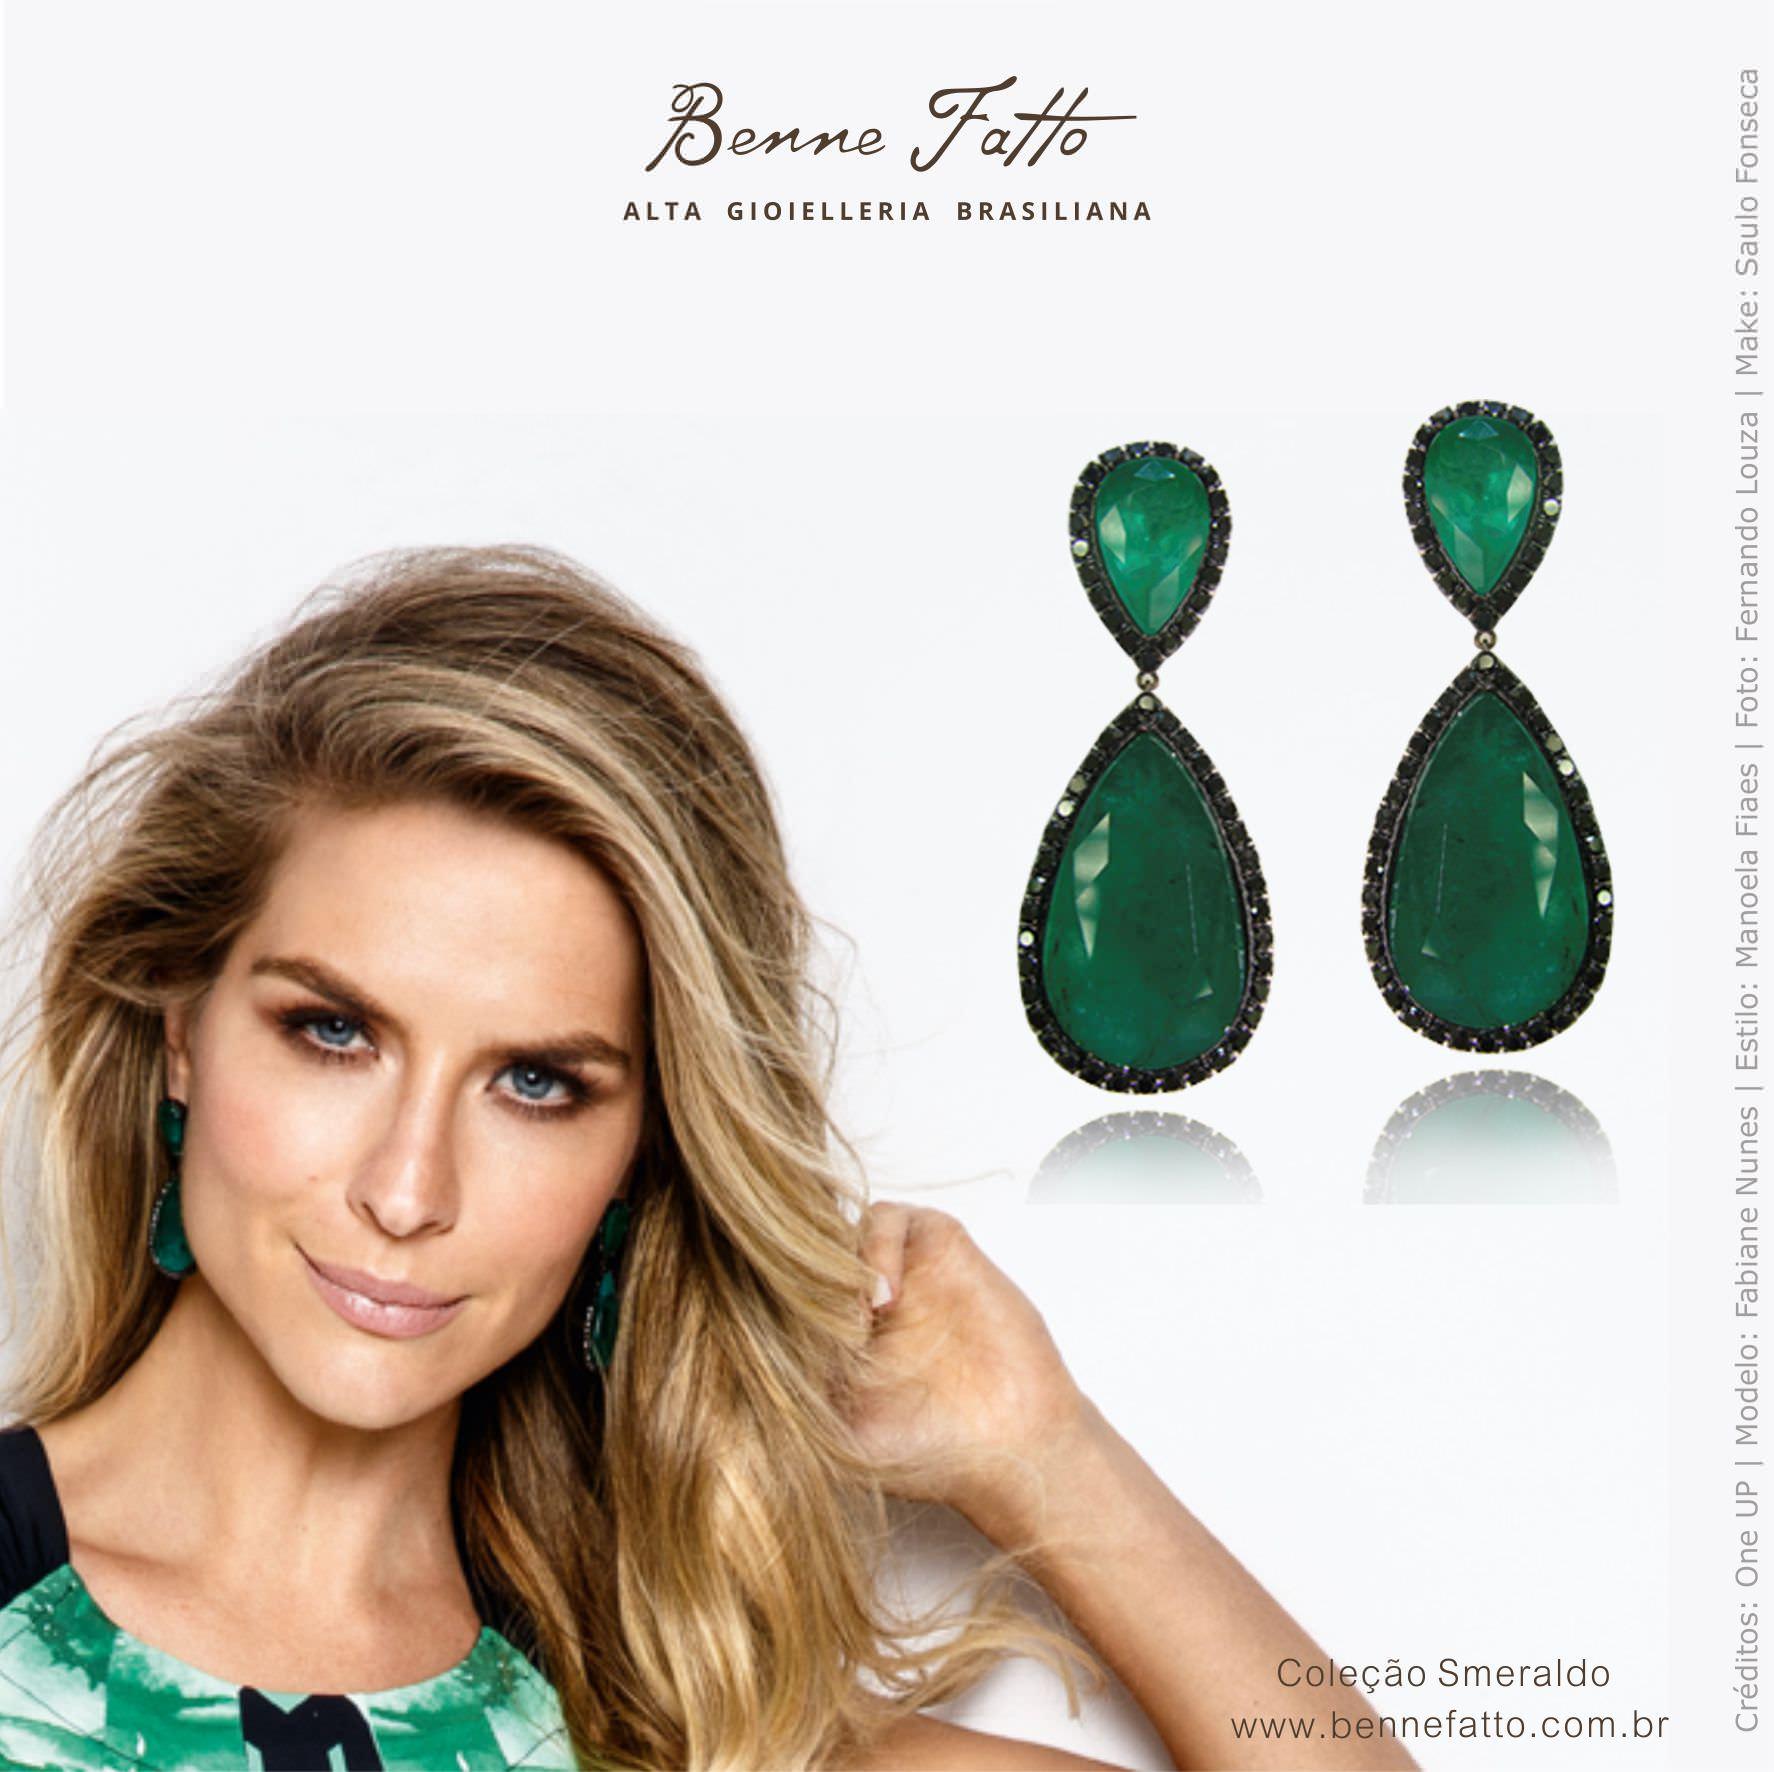 Coleção Smeraldo